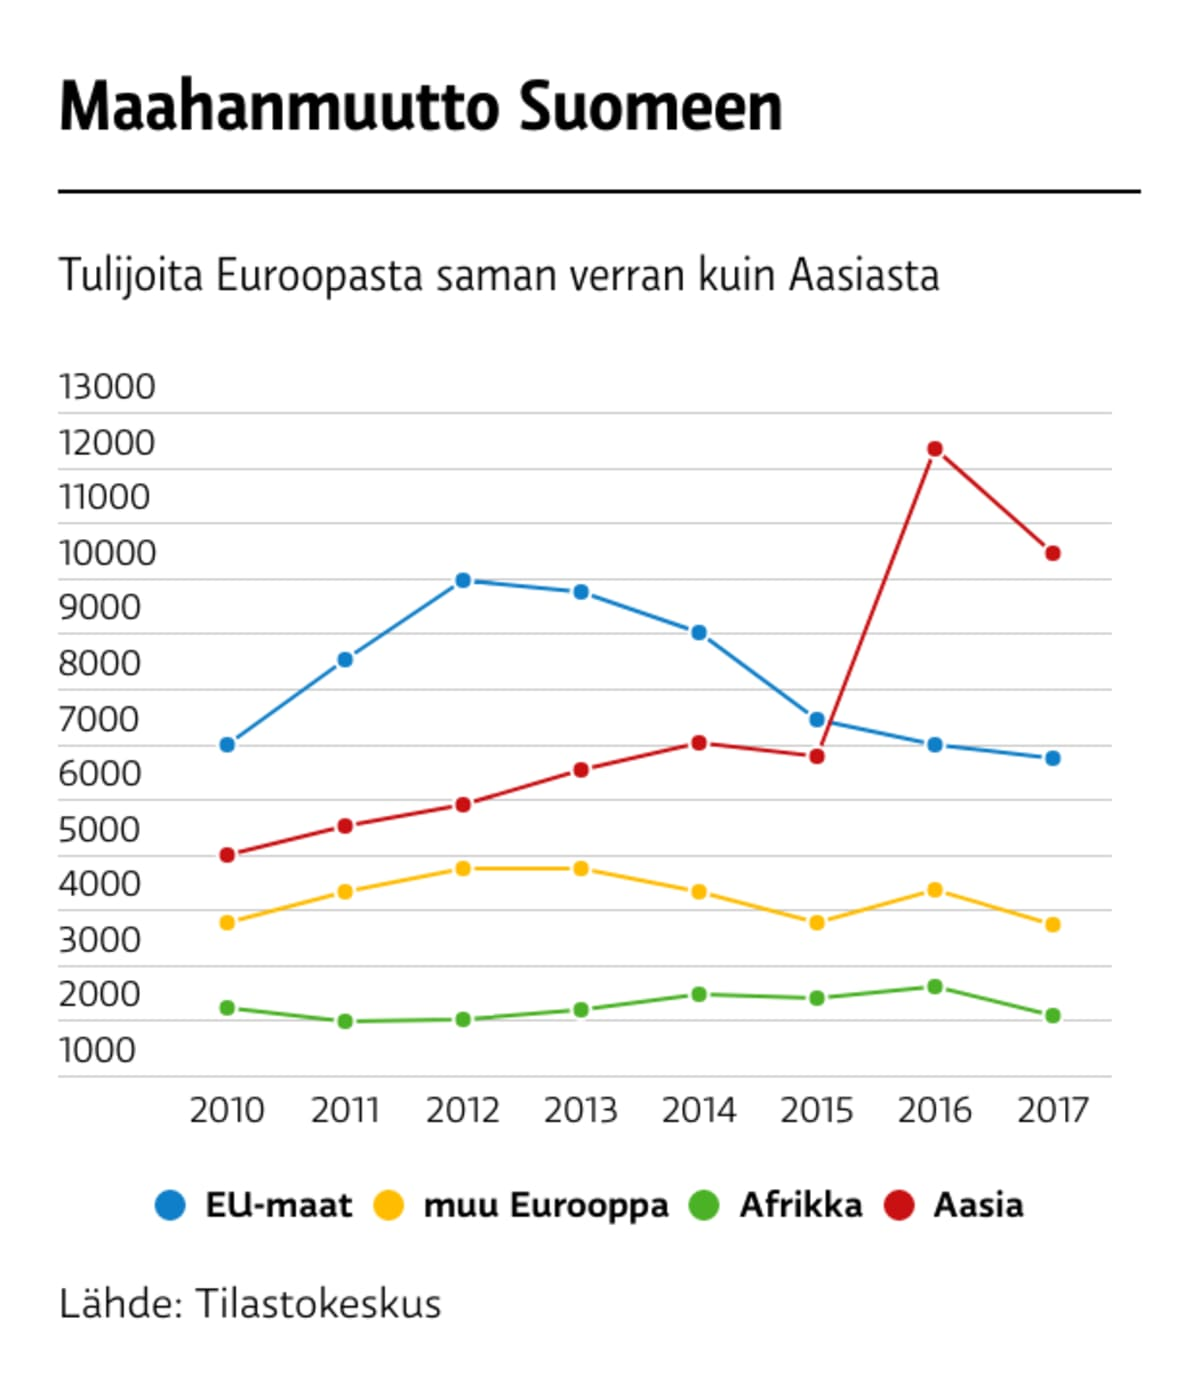 Maahanmuutto Suomeen